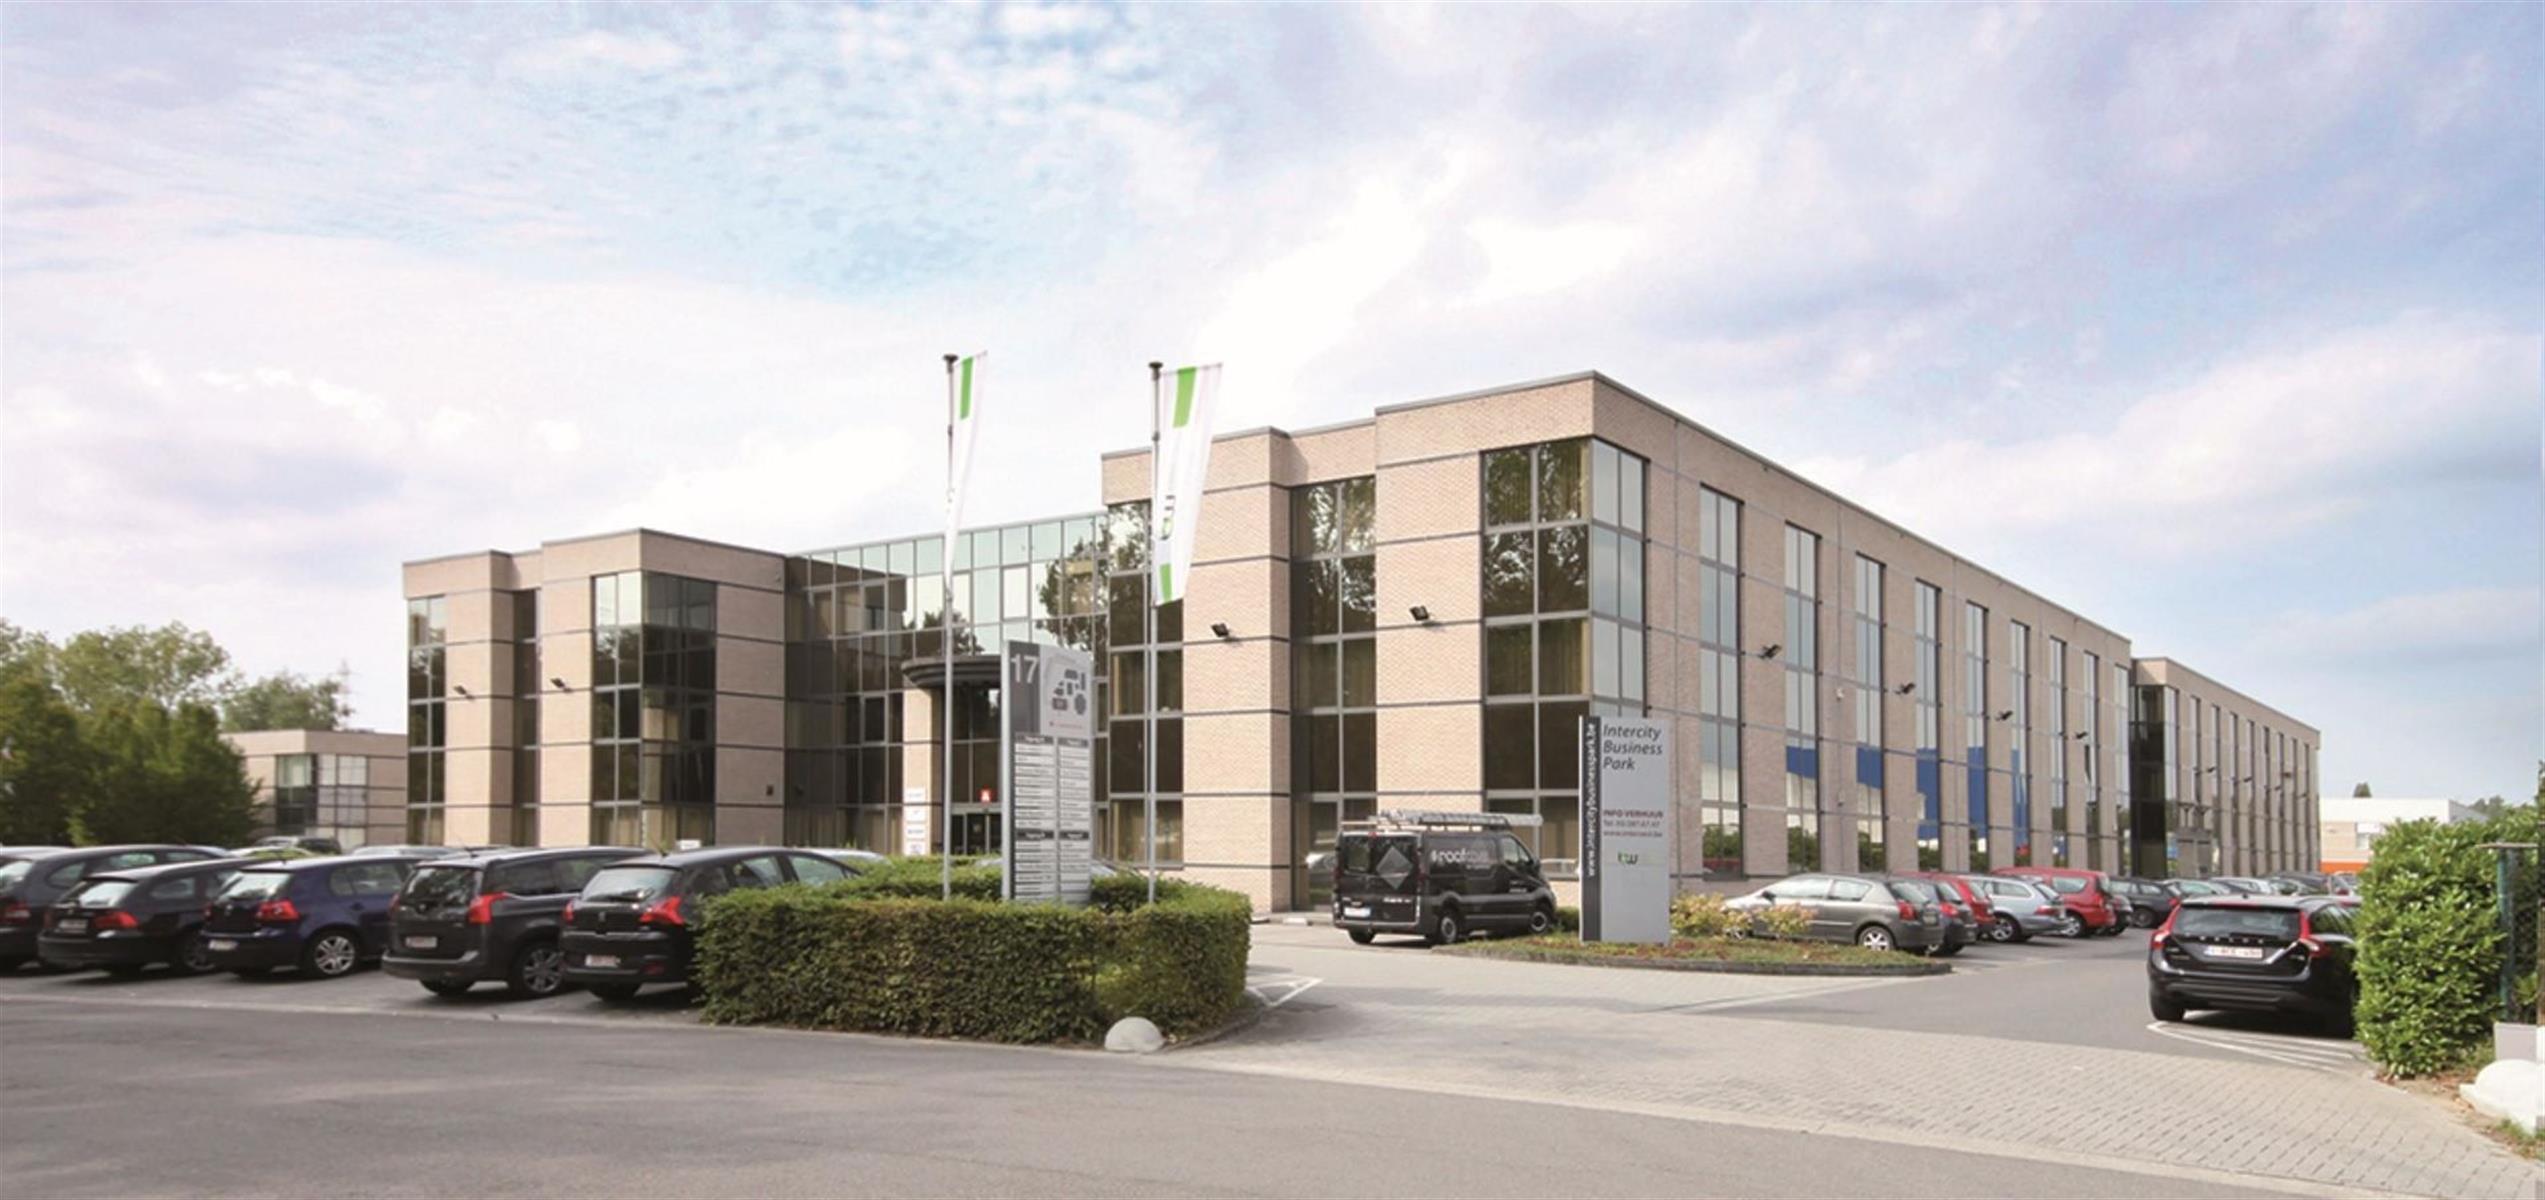 kantoor te huur I126 - 17C - unit 1/R+L - Generaal de Wittelaan 17, 2800 Mechelen, België 1